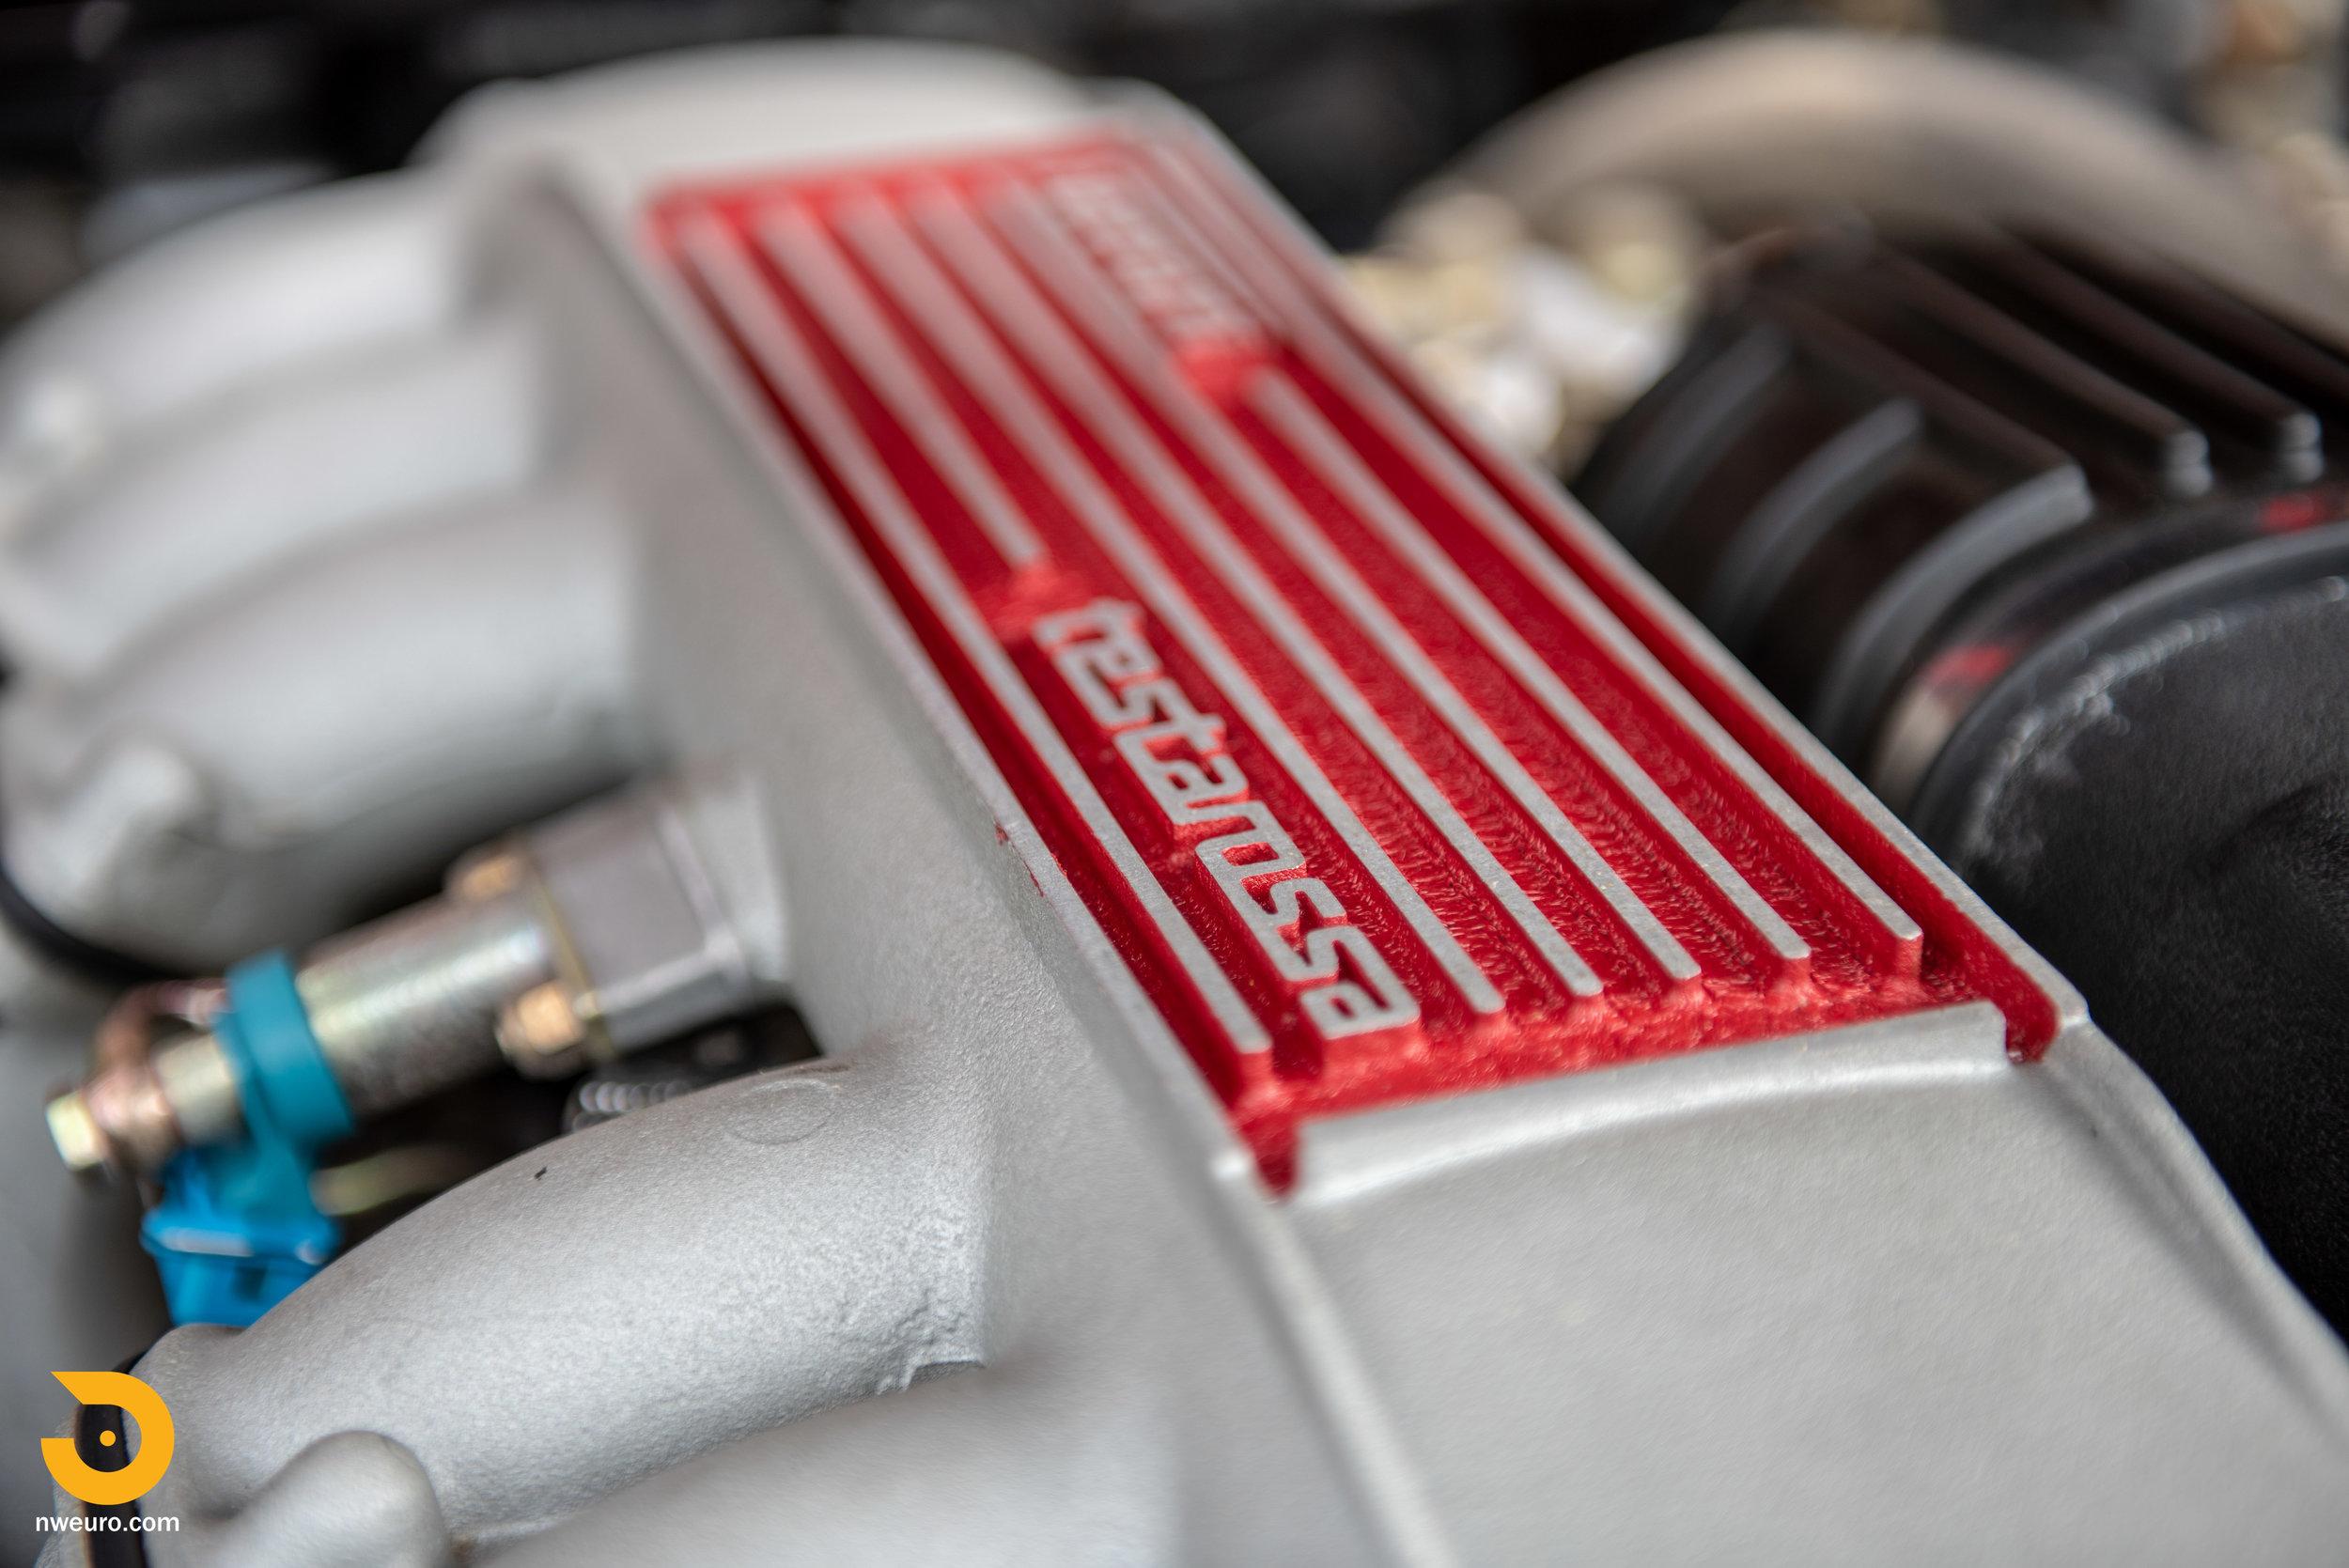 1988 Ferrari Testarossa-21.jpg